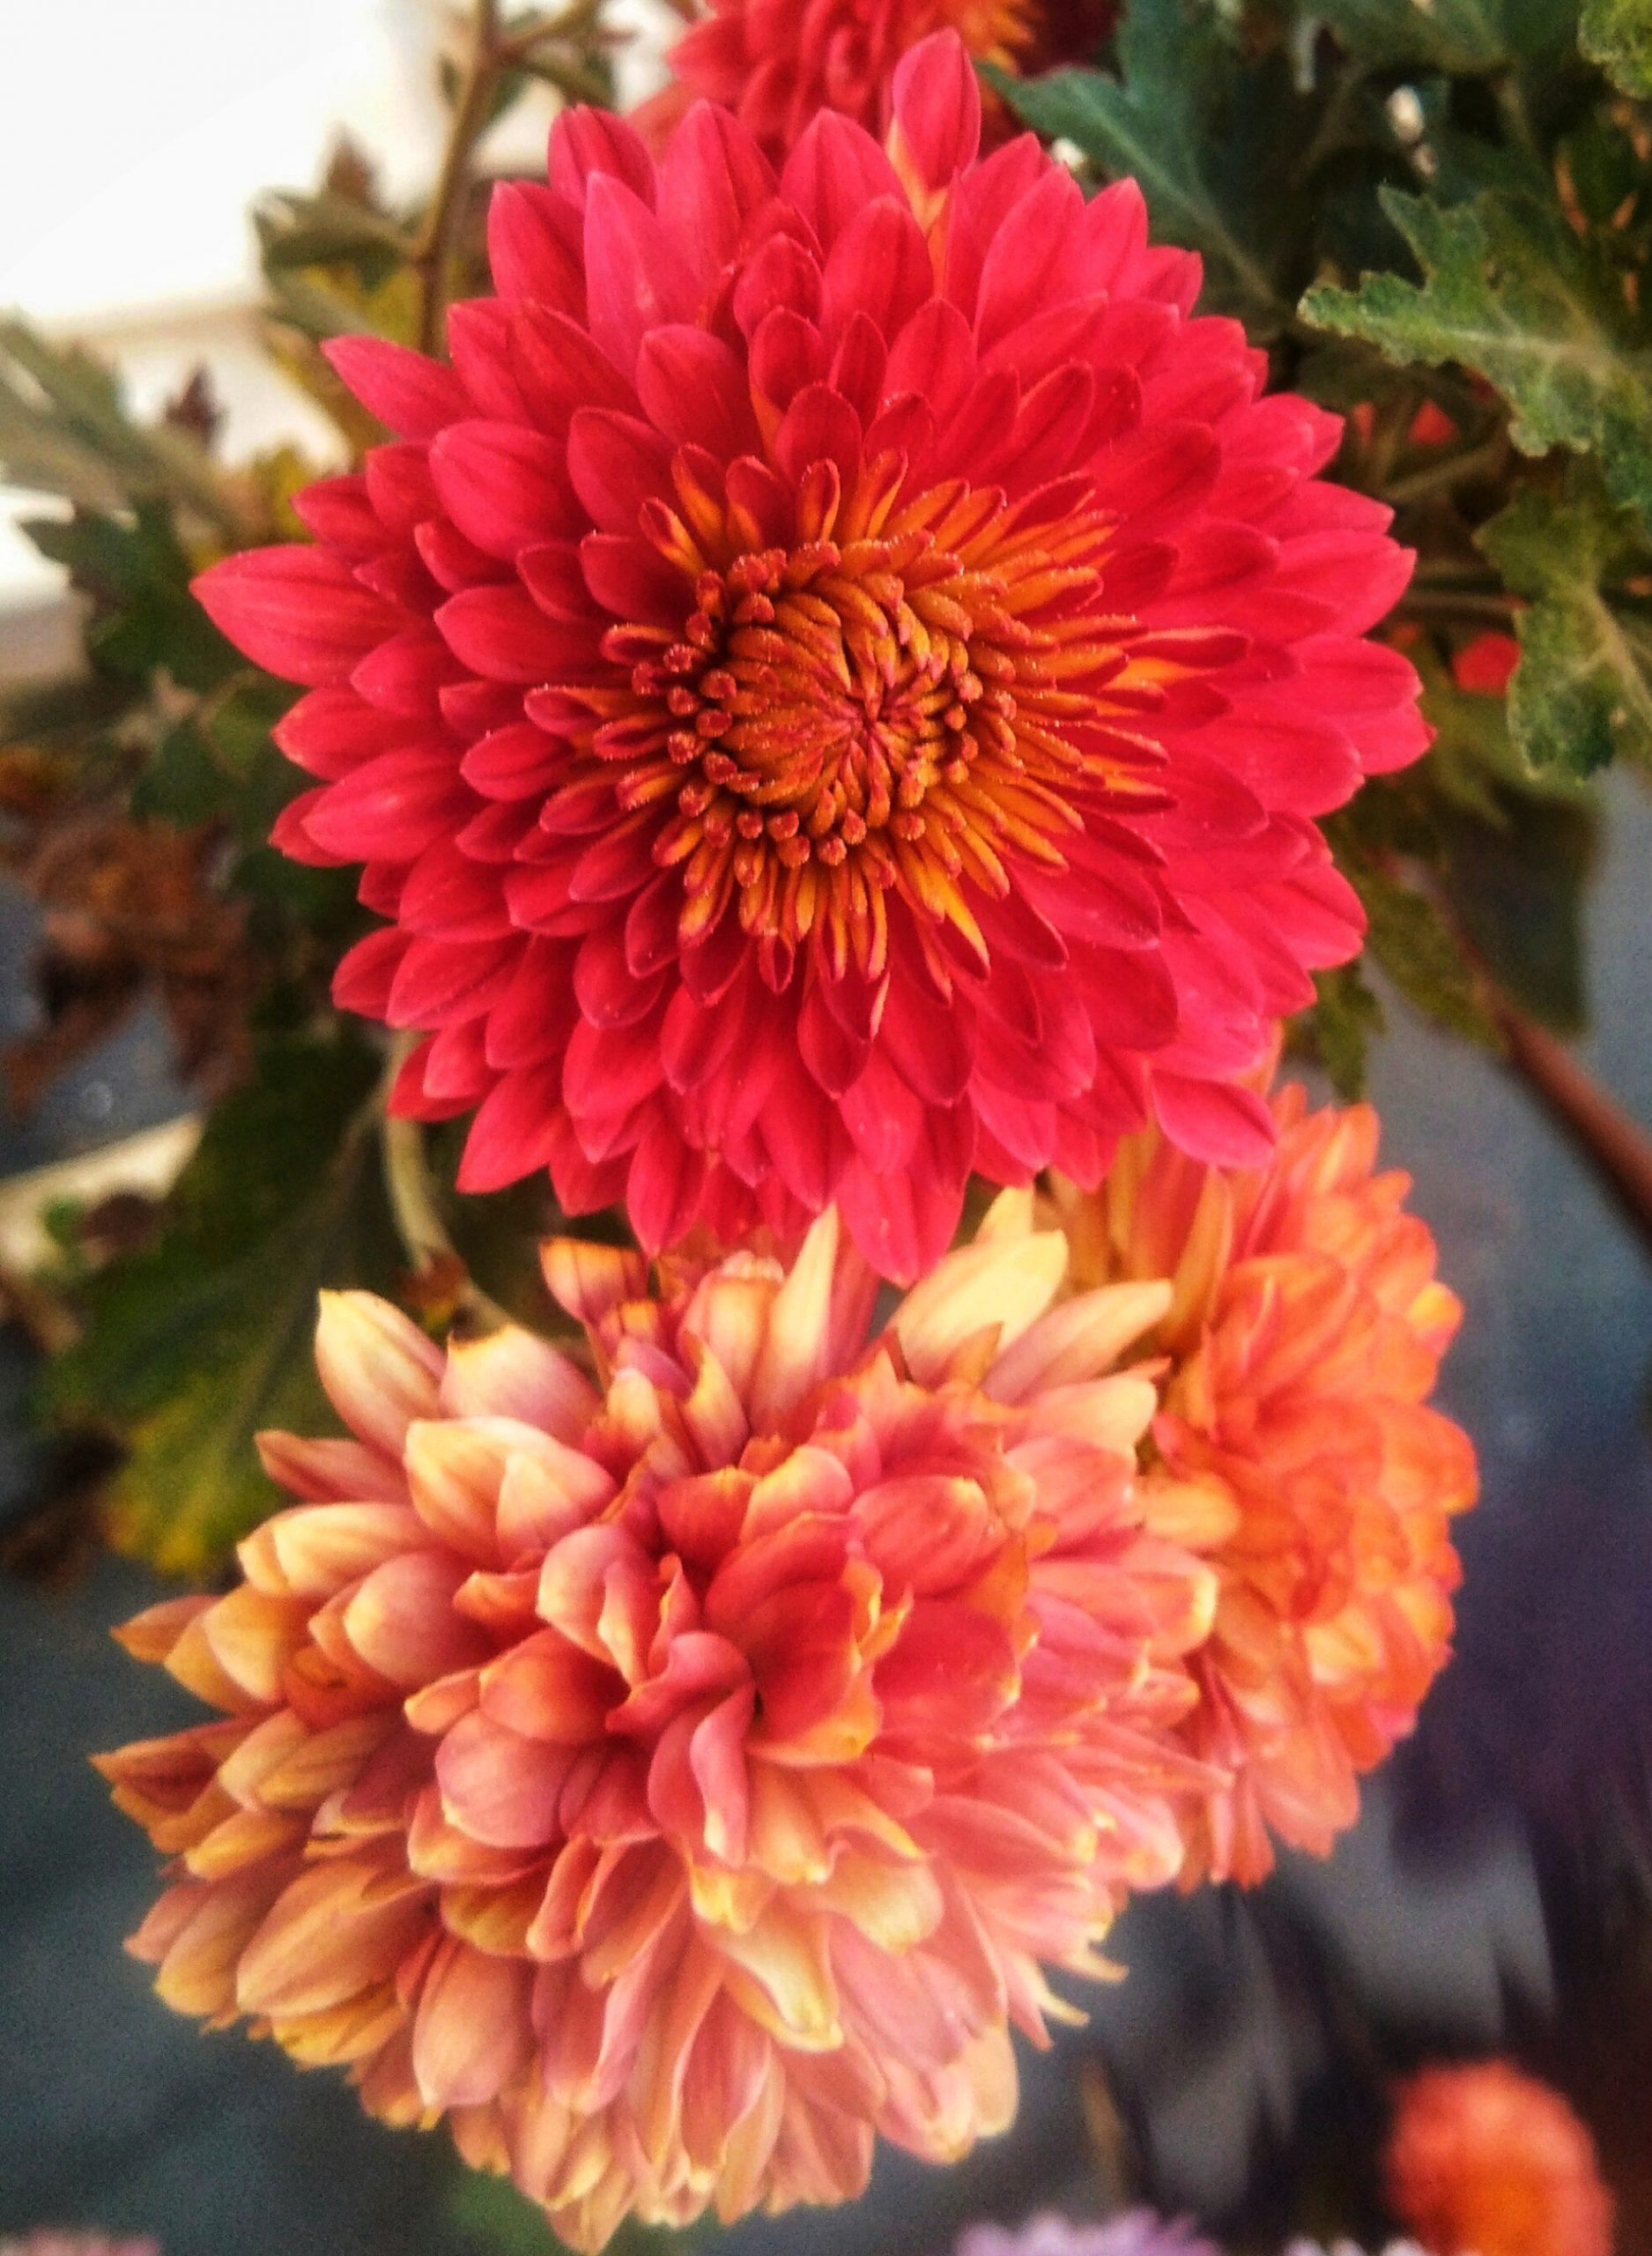 Blooming Crysanthemum flowers